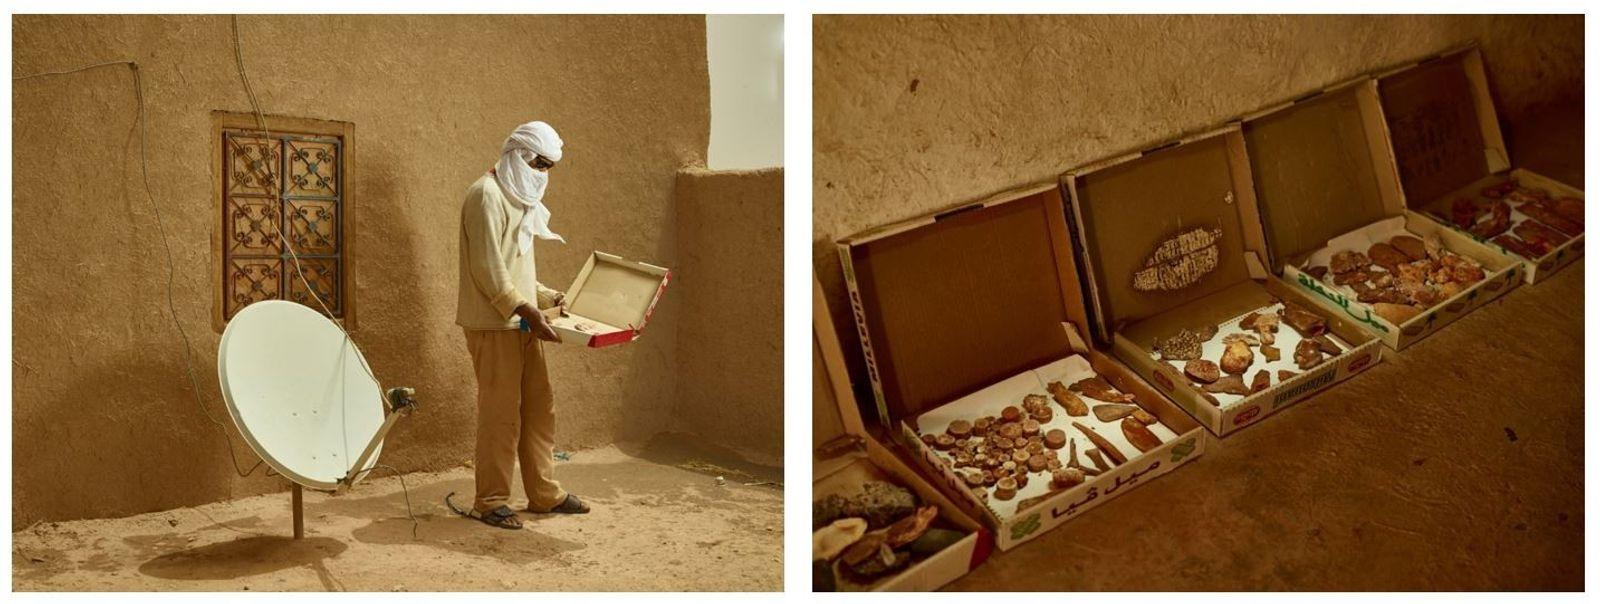 Esquerda: Ao lado da antena parabólica de sua casa, um colecionador de fósseis exibe algumas das ...